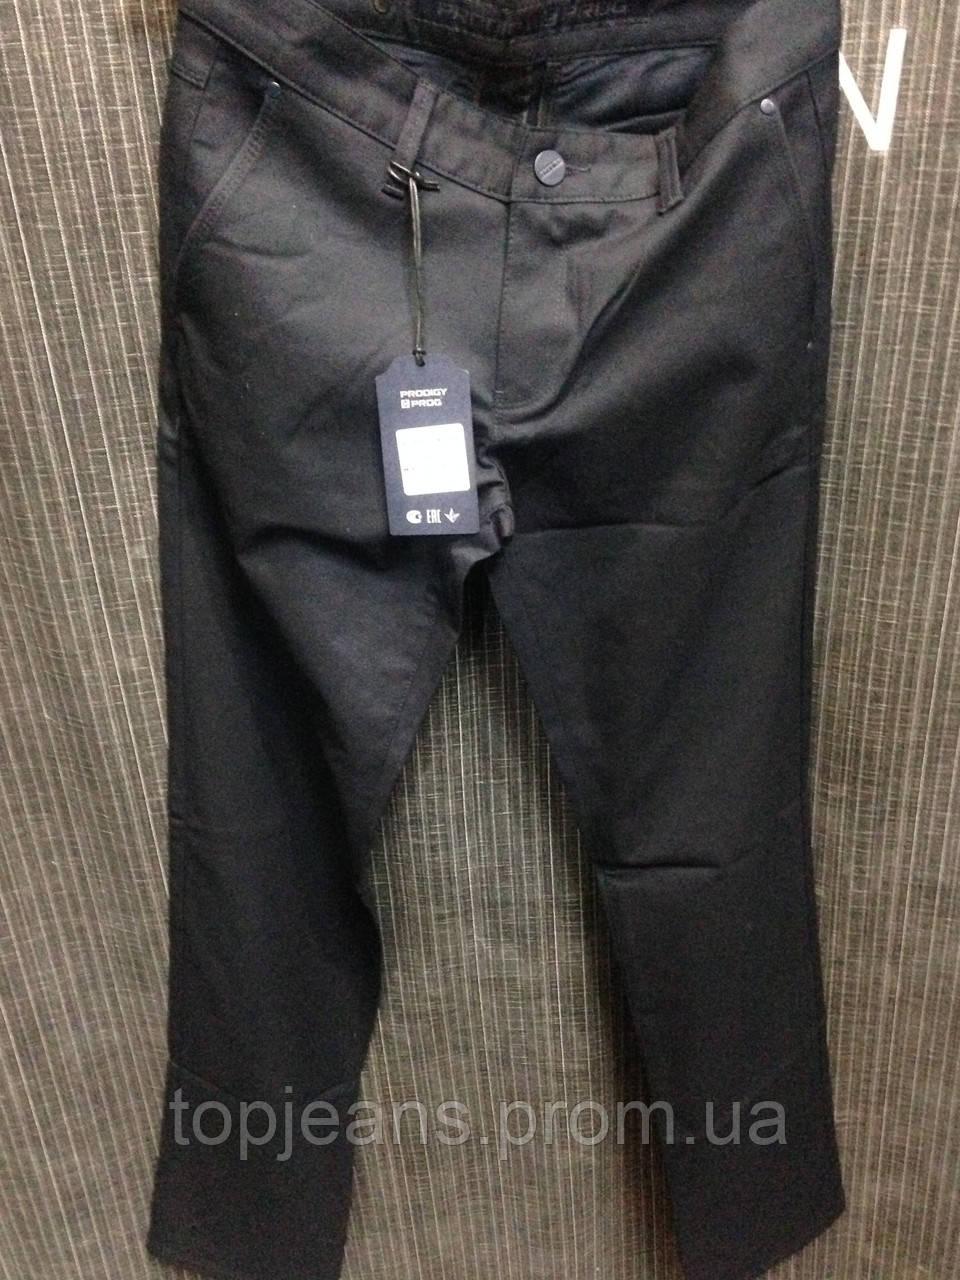 Темно-синие утепленные мужские брюки - TopJeans в Харькове